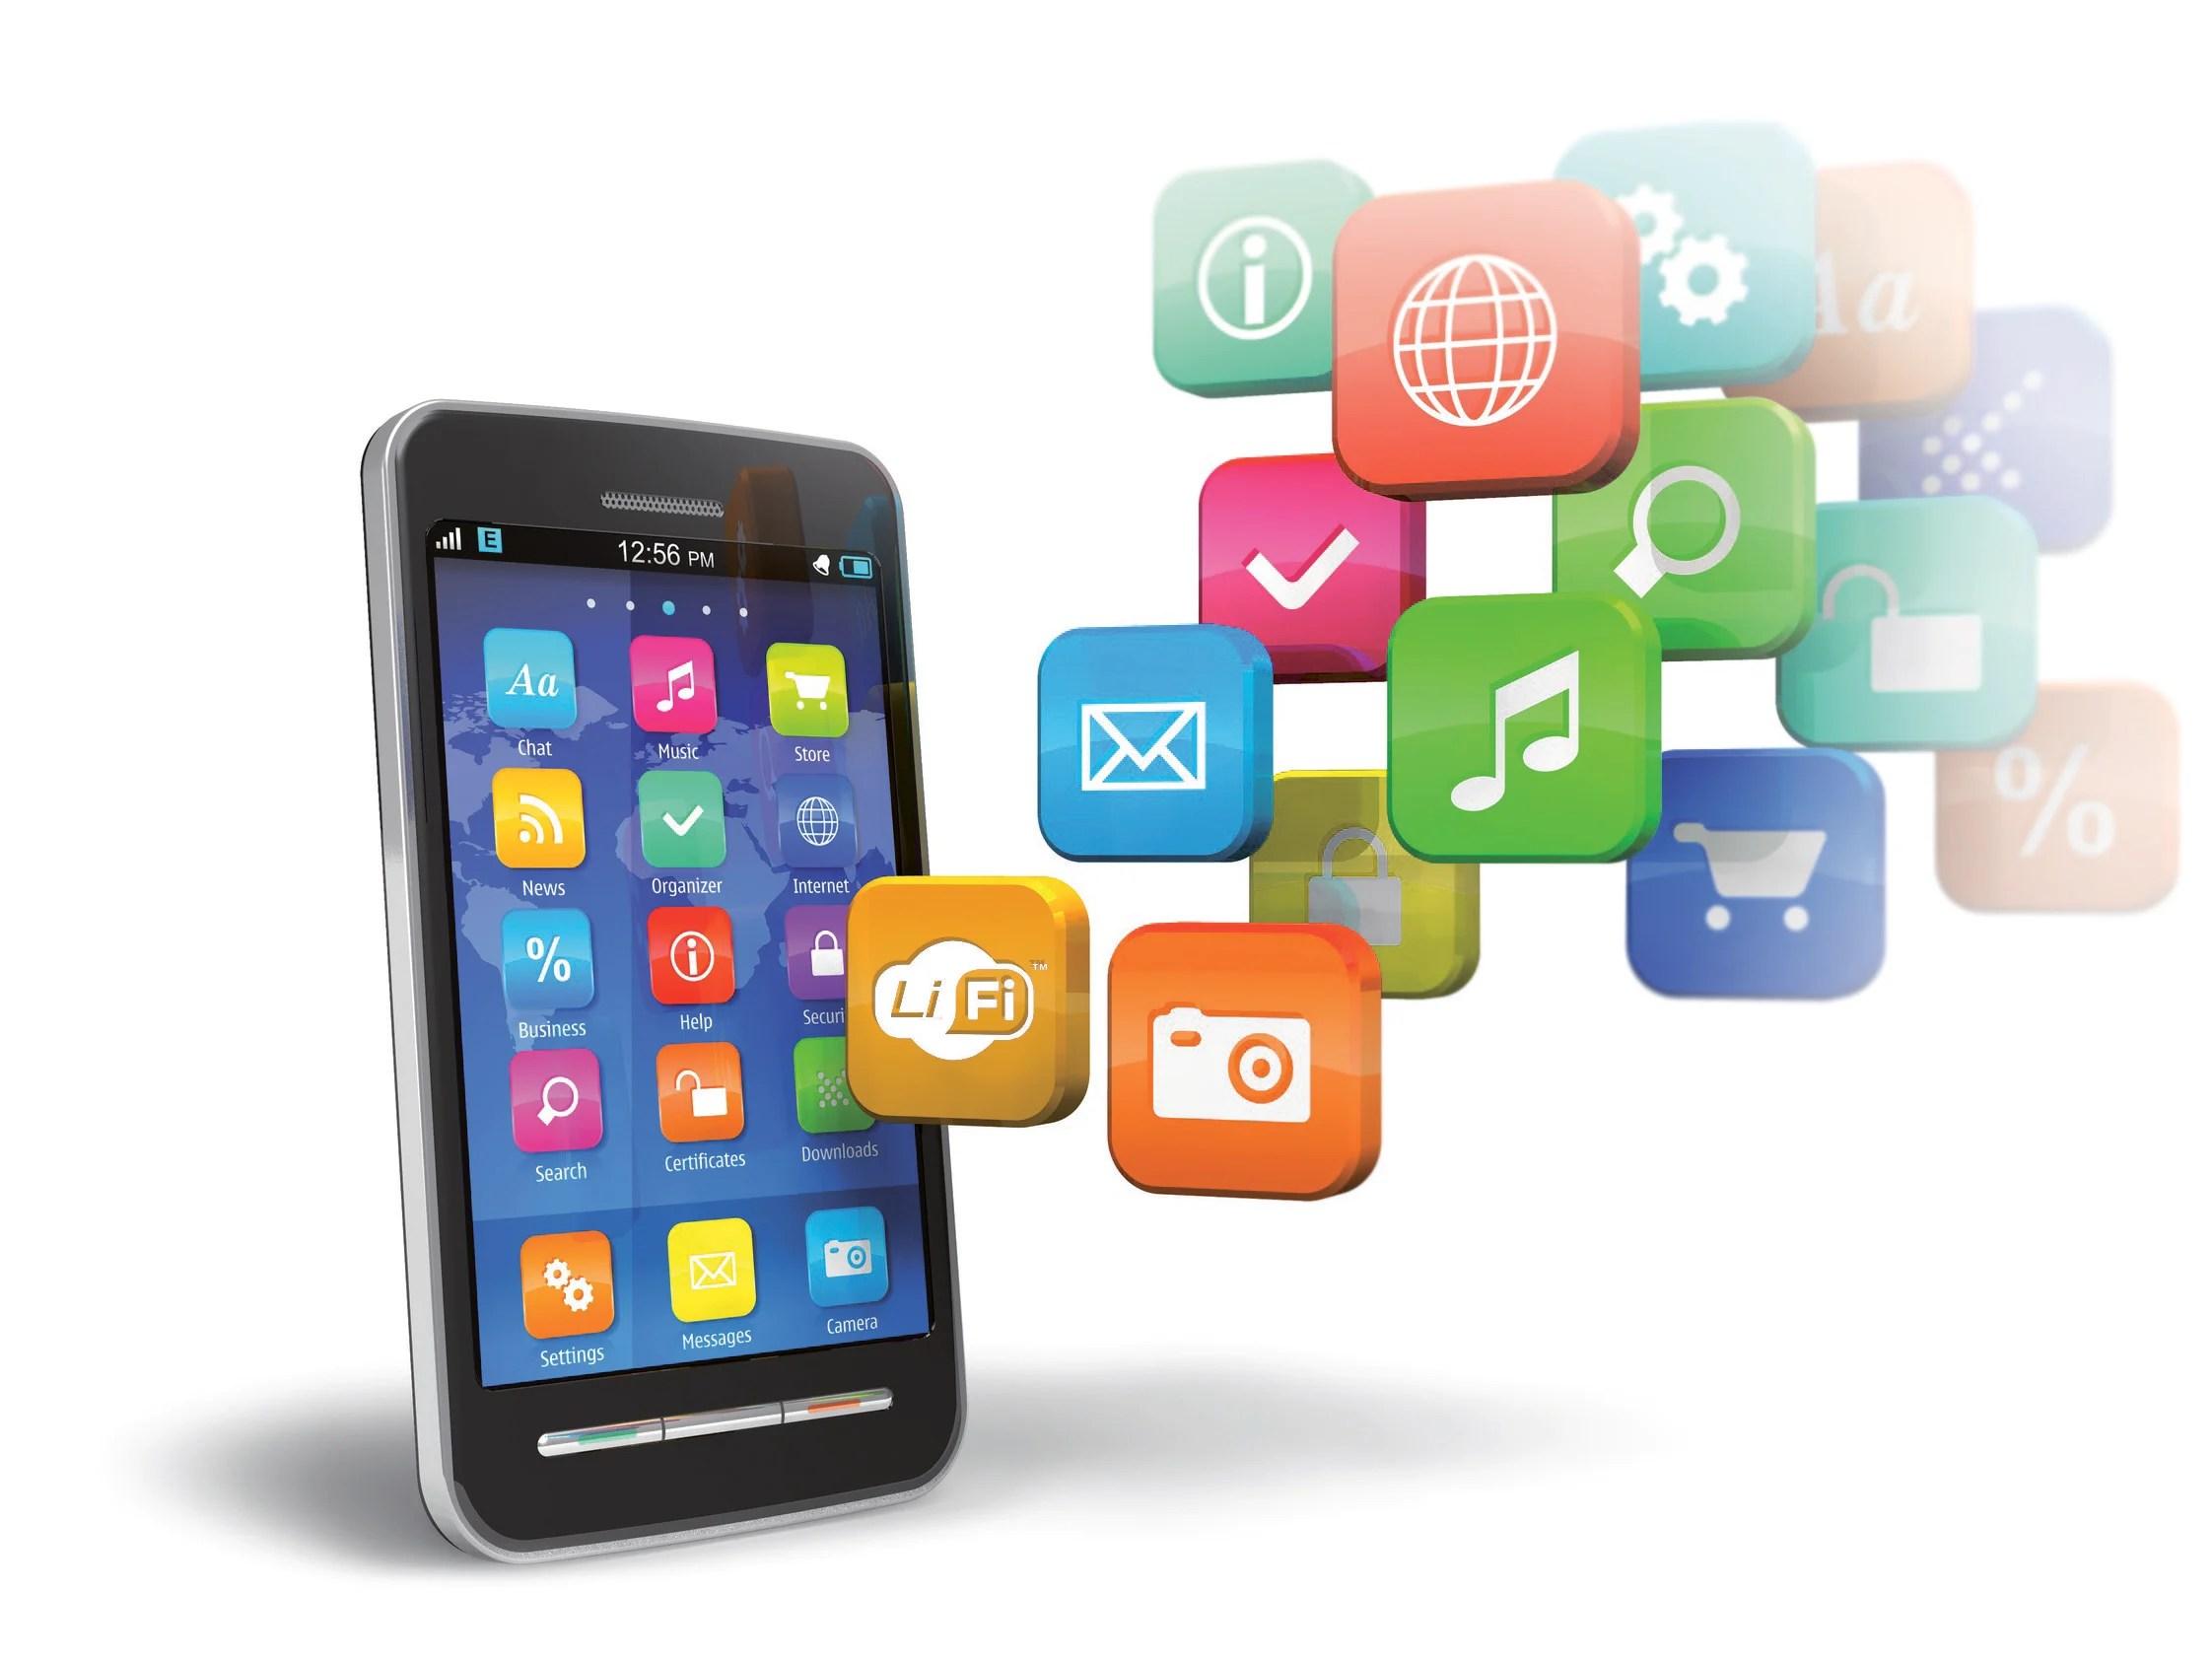 Le temps passé sur les applications mobiles a explosé en deux ans